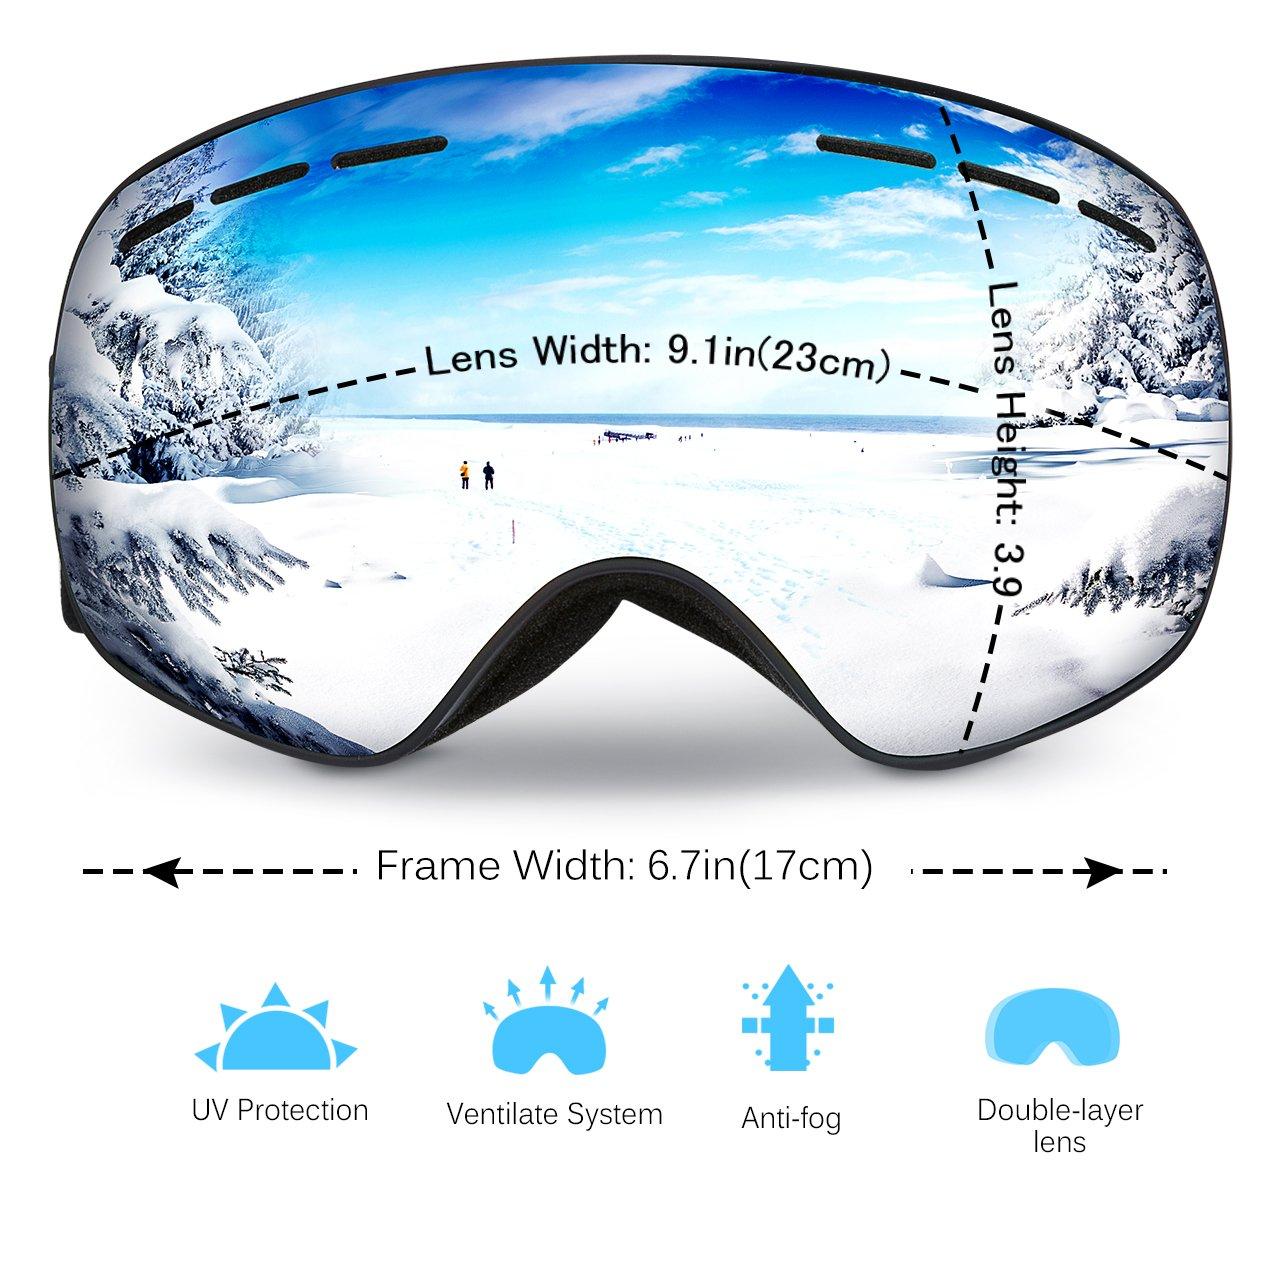 Mpow Masque de Ski Lunettes de Ski Femme et Homme Masque Snowboard Double  Grande Lentille OTG Sphérique Italienne Anti-UV400 Cadeau Idéal Noël   Amazon.fr  ... 960b821f89fb